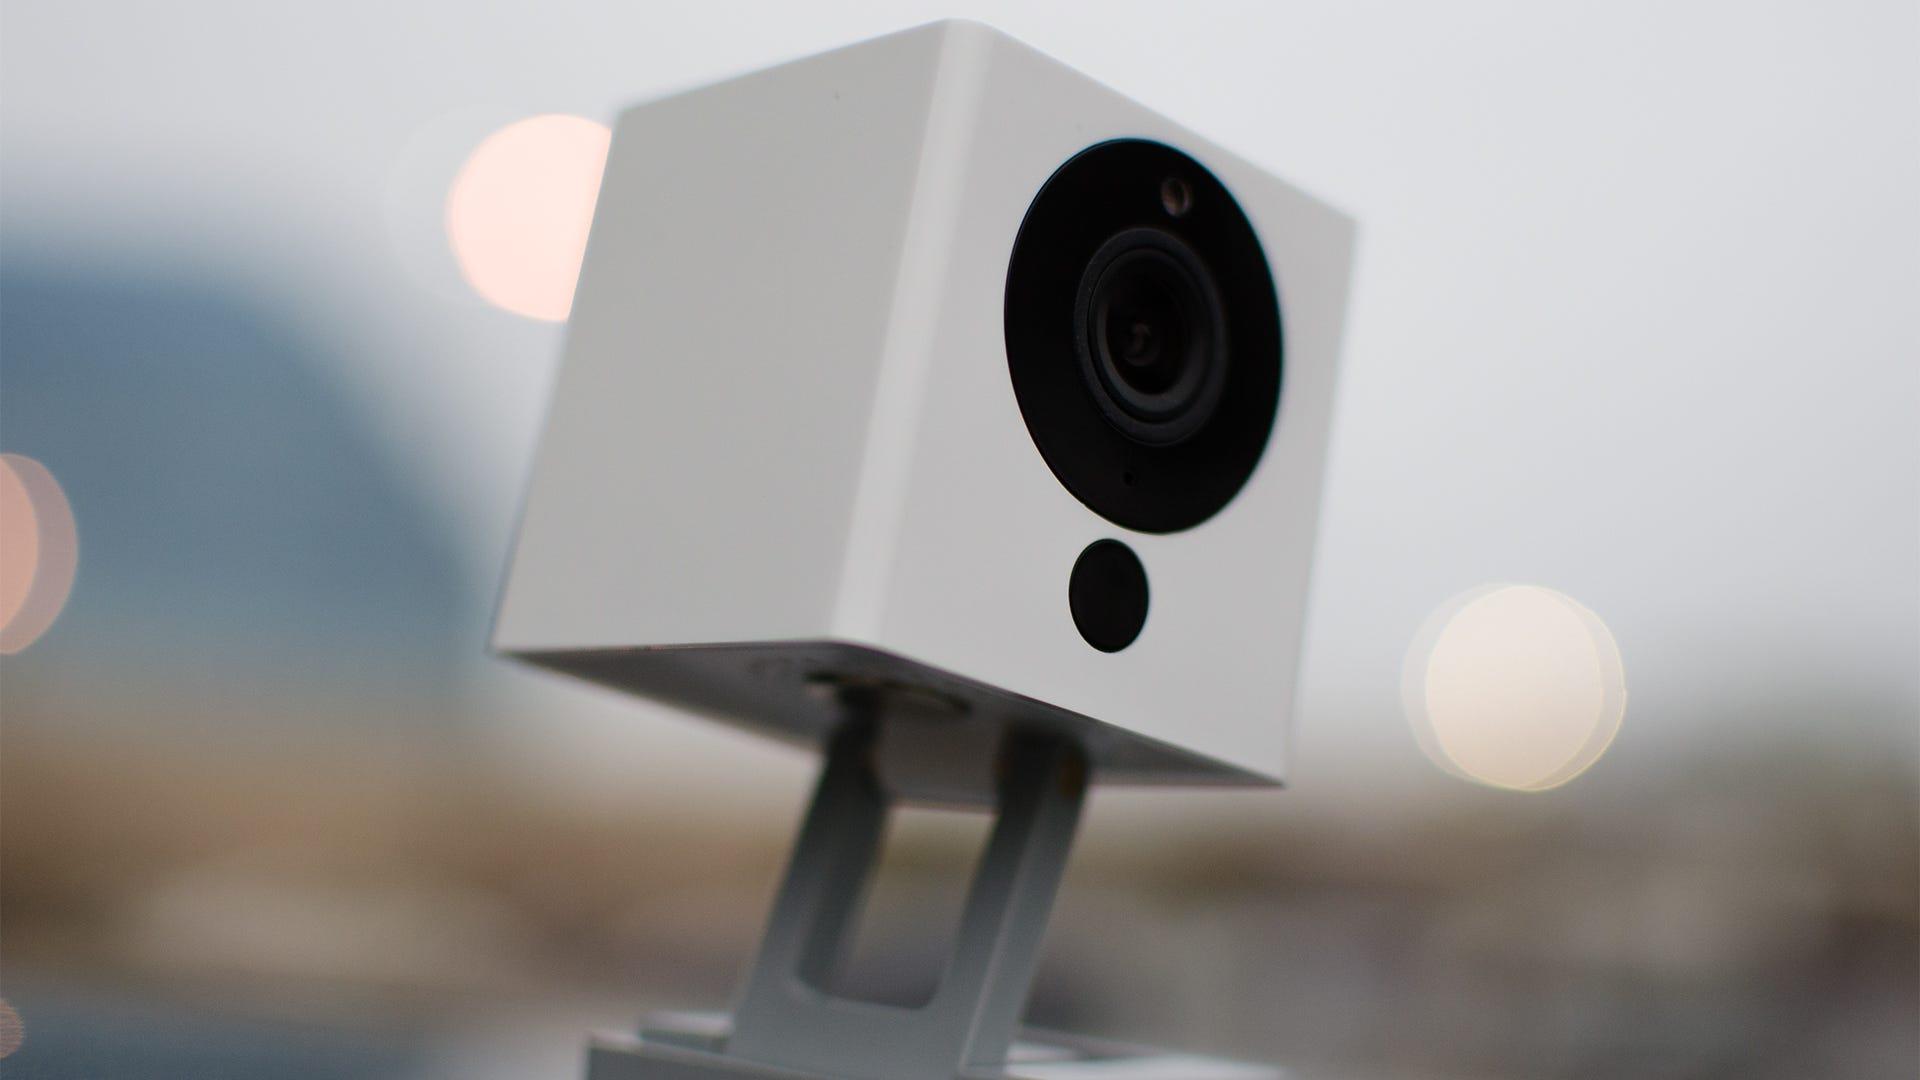 Wyze-Kamera-Bericht: Das preiswerteste Hauptsicherheitssystem, das Sie